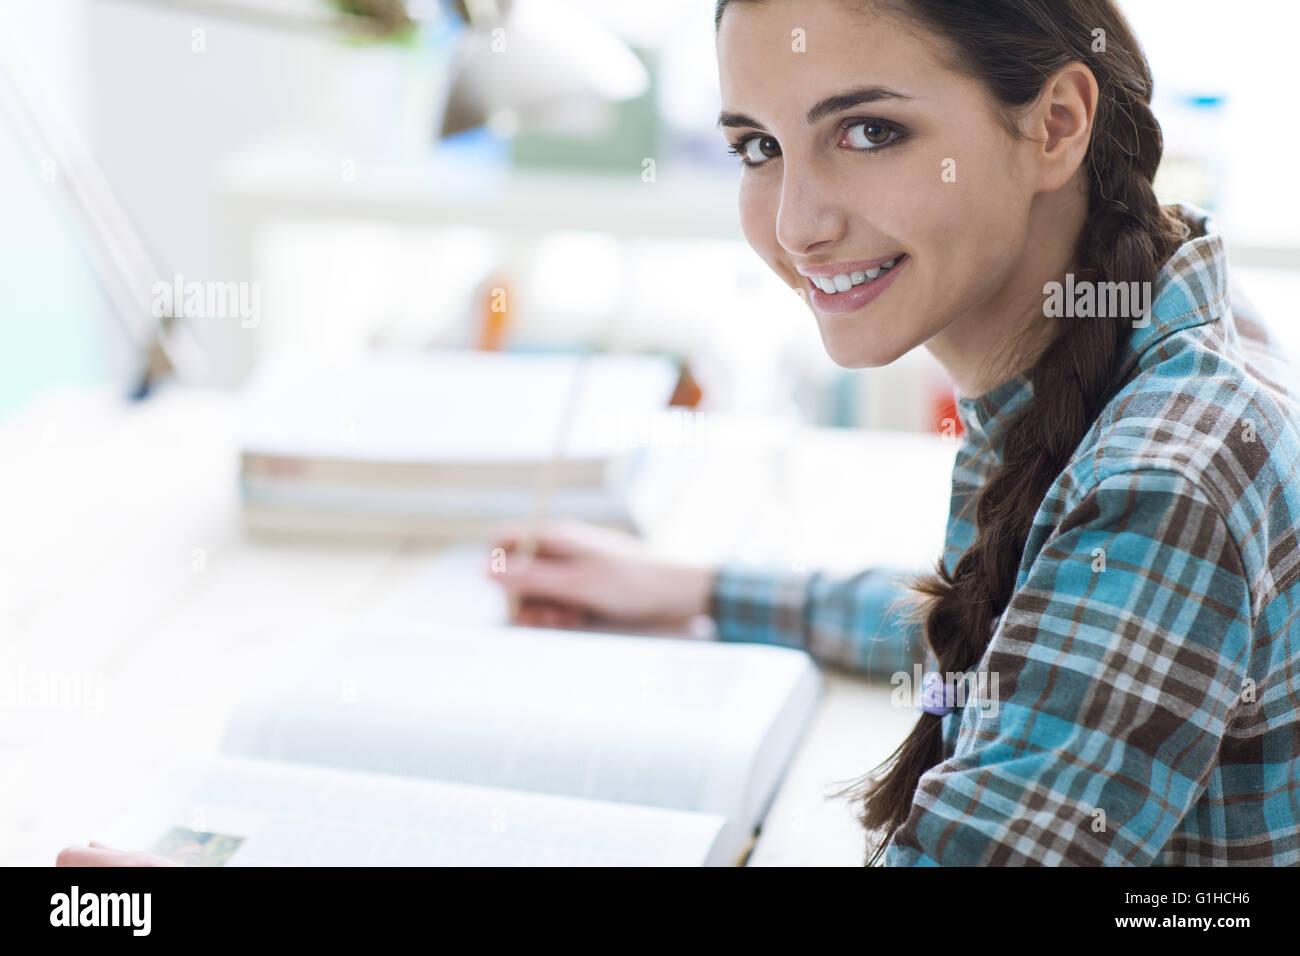 Lächelnde junge Studentin studiert und lesen ein Buch, Bildung und Lernkonzept Stockbild